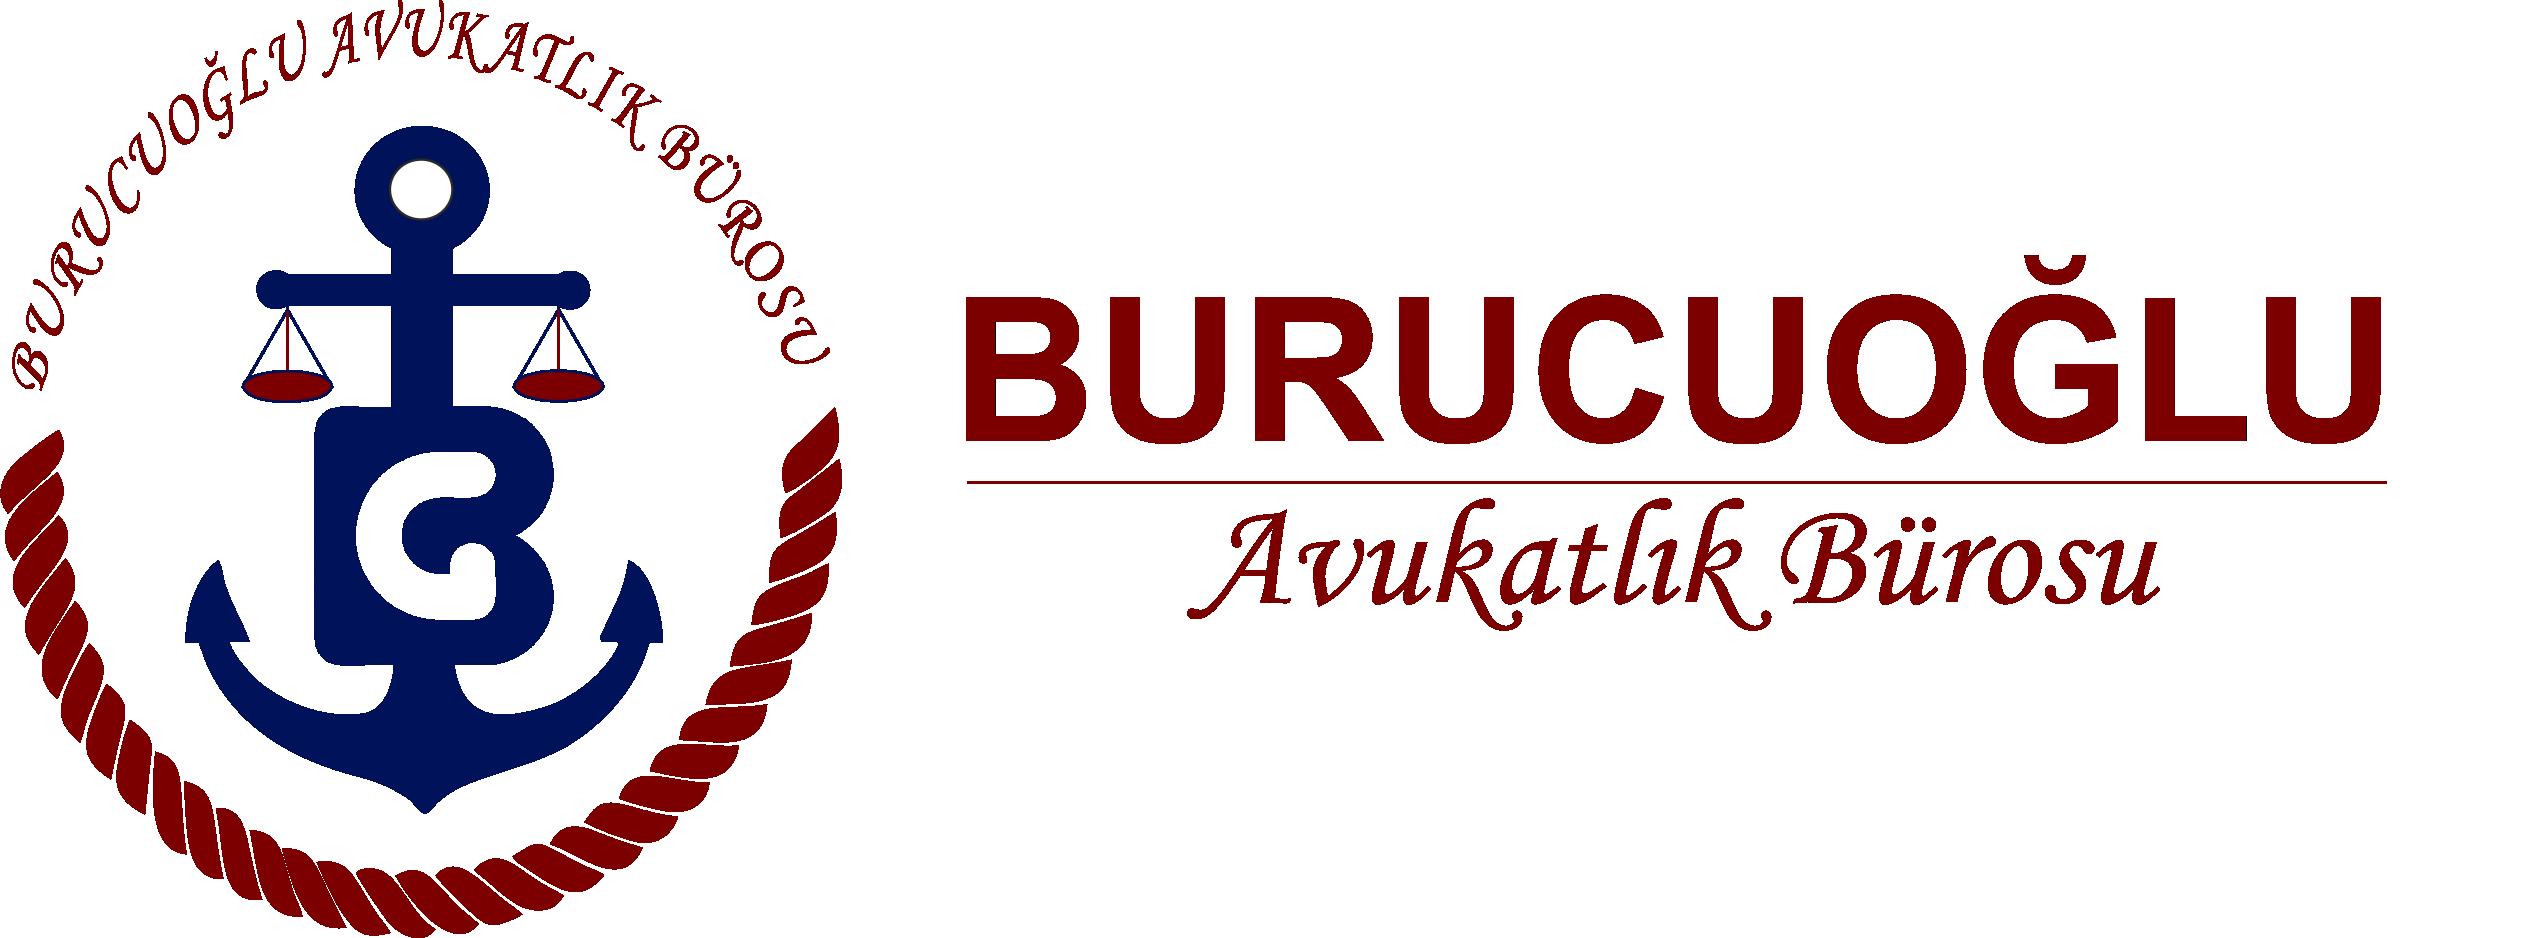 Burucuoğlu Avukatlık Bürosu | Burucuoglu Attorneys at Law